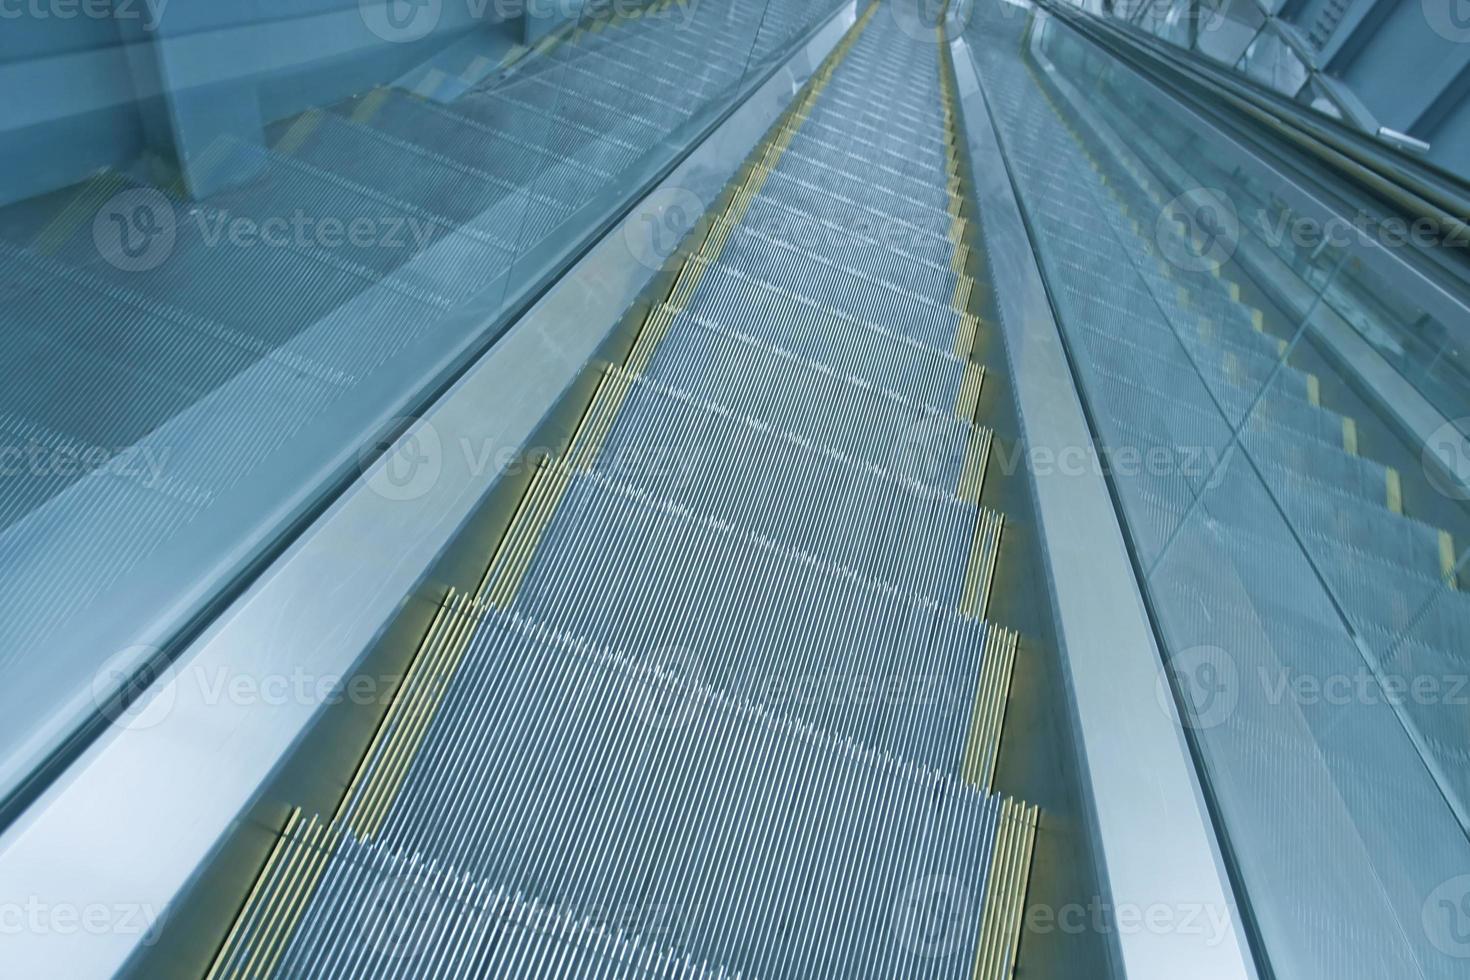 Rolltreppe Indoor-Einkaufszentrum foto